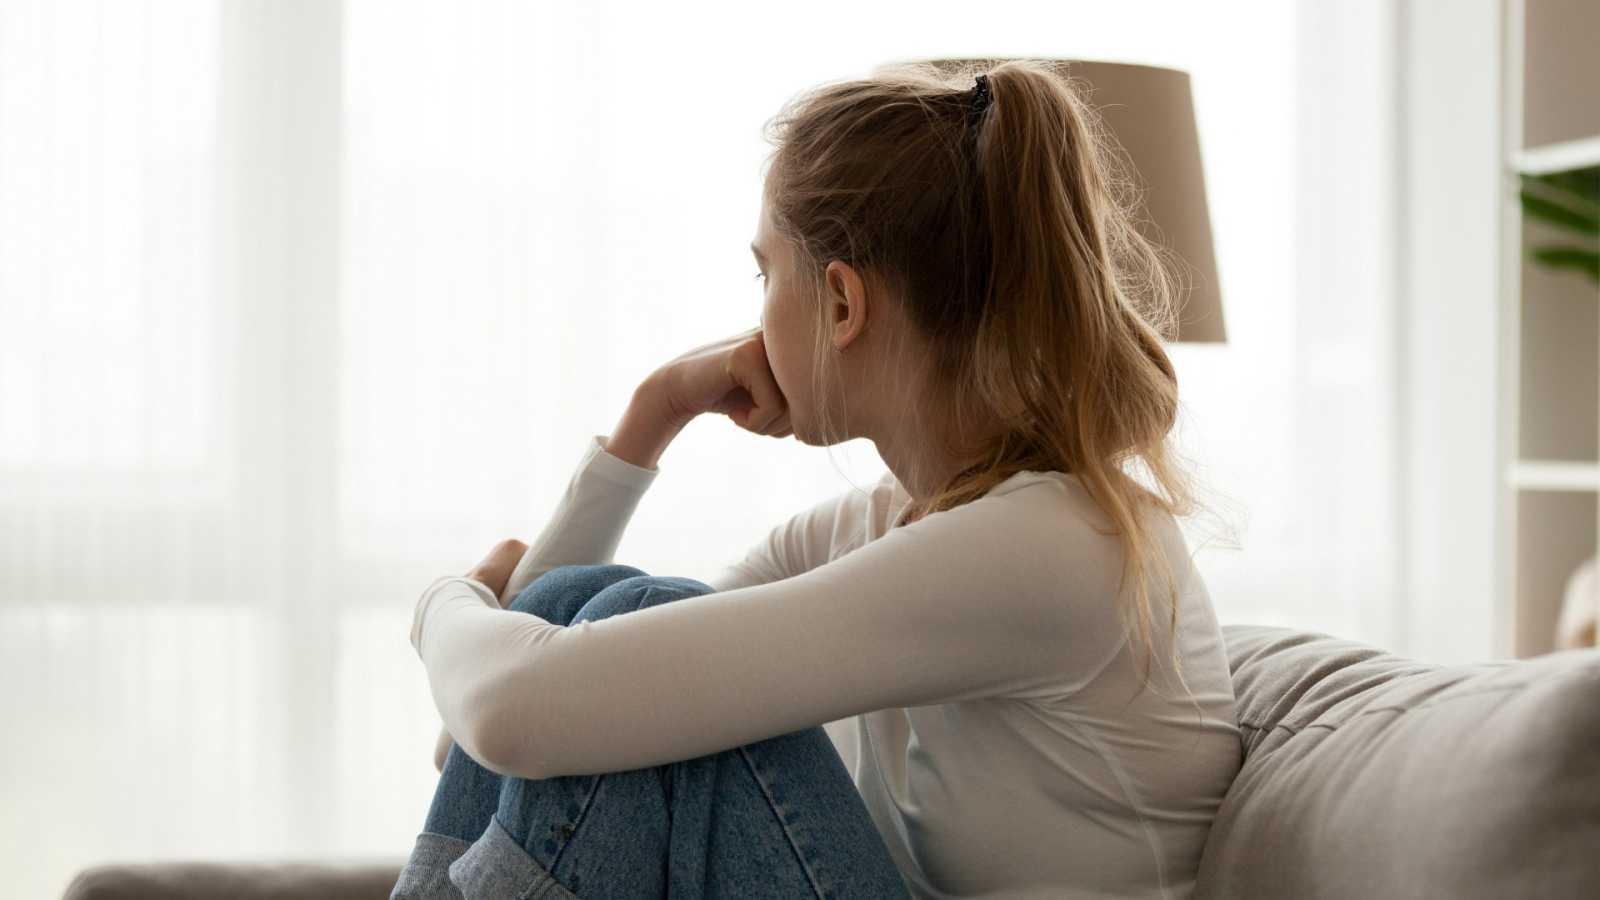 Los jóvenes que pertenecen a la generación 'millennial' se preparan para sufrir una segunda crisis tras la de 2008.